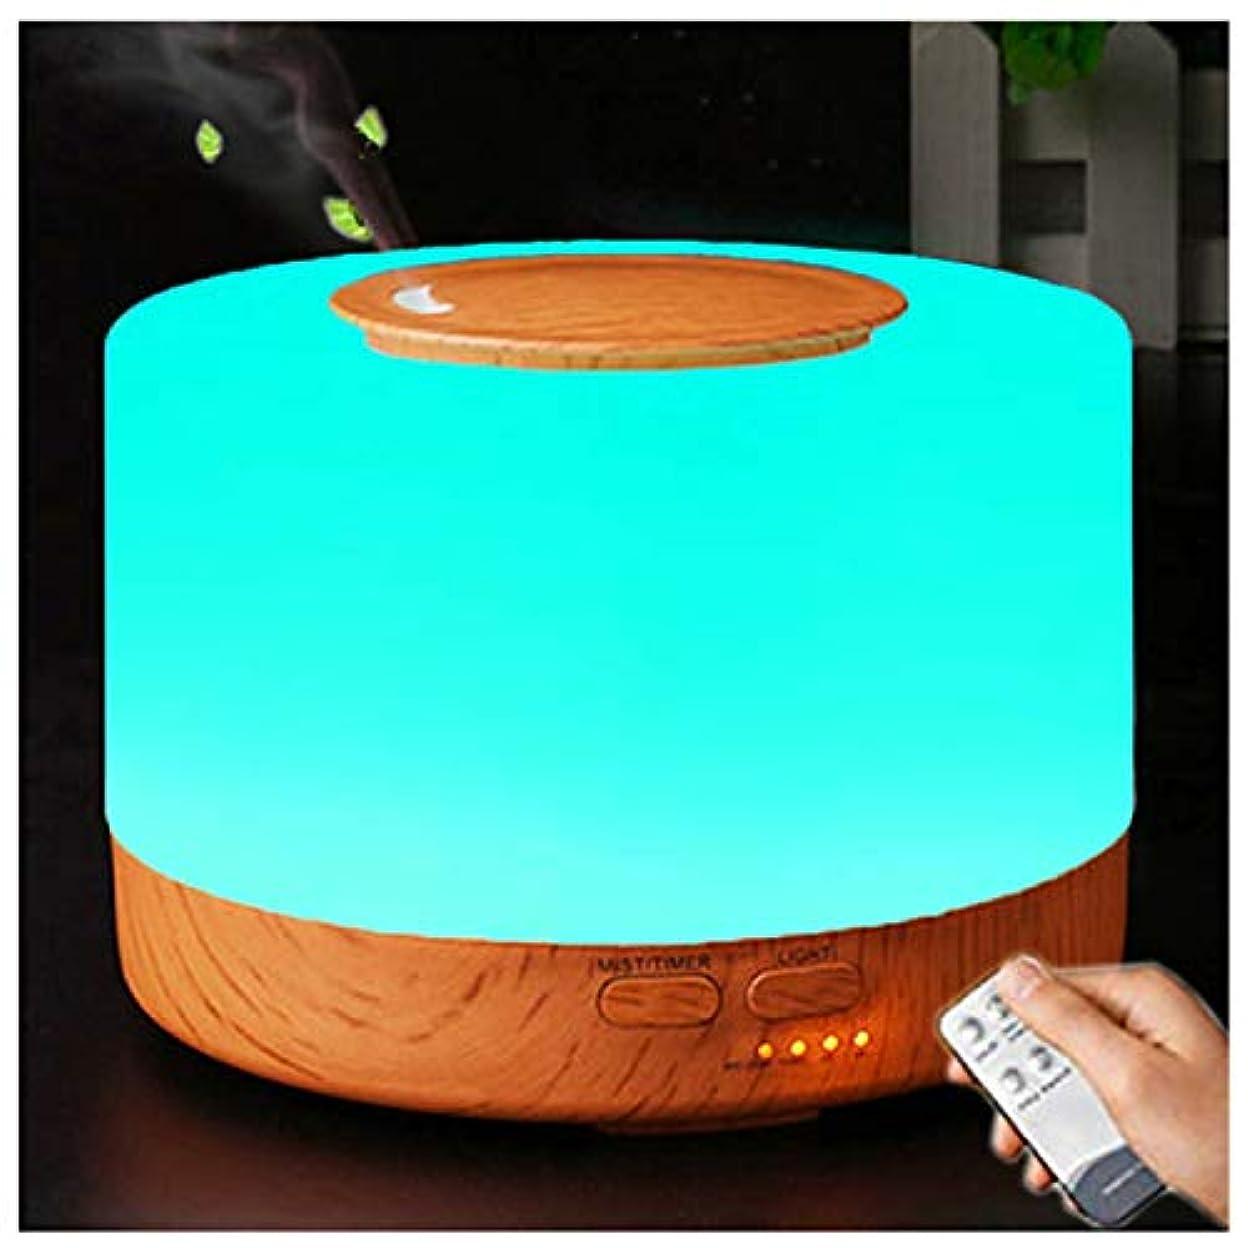 ベルト定義ラフトアロマディフューザー 加湿器, 卓上 大容量 超音波加湿器, 500ML 保湿 時間設定 空焚き防止 7色変換LED搭載 (木目調)